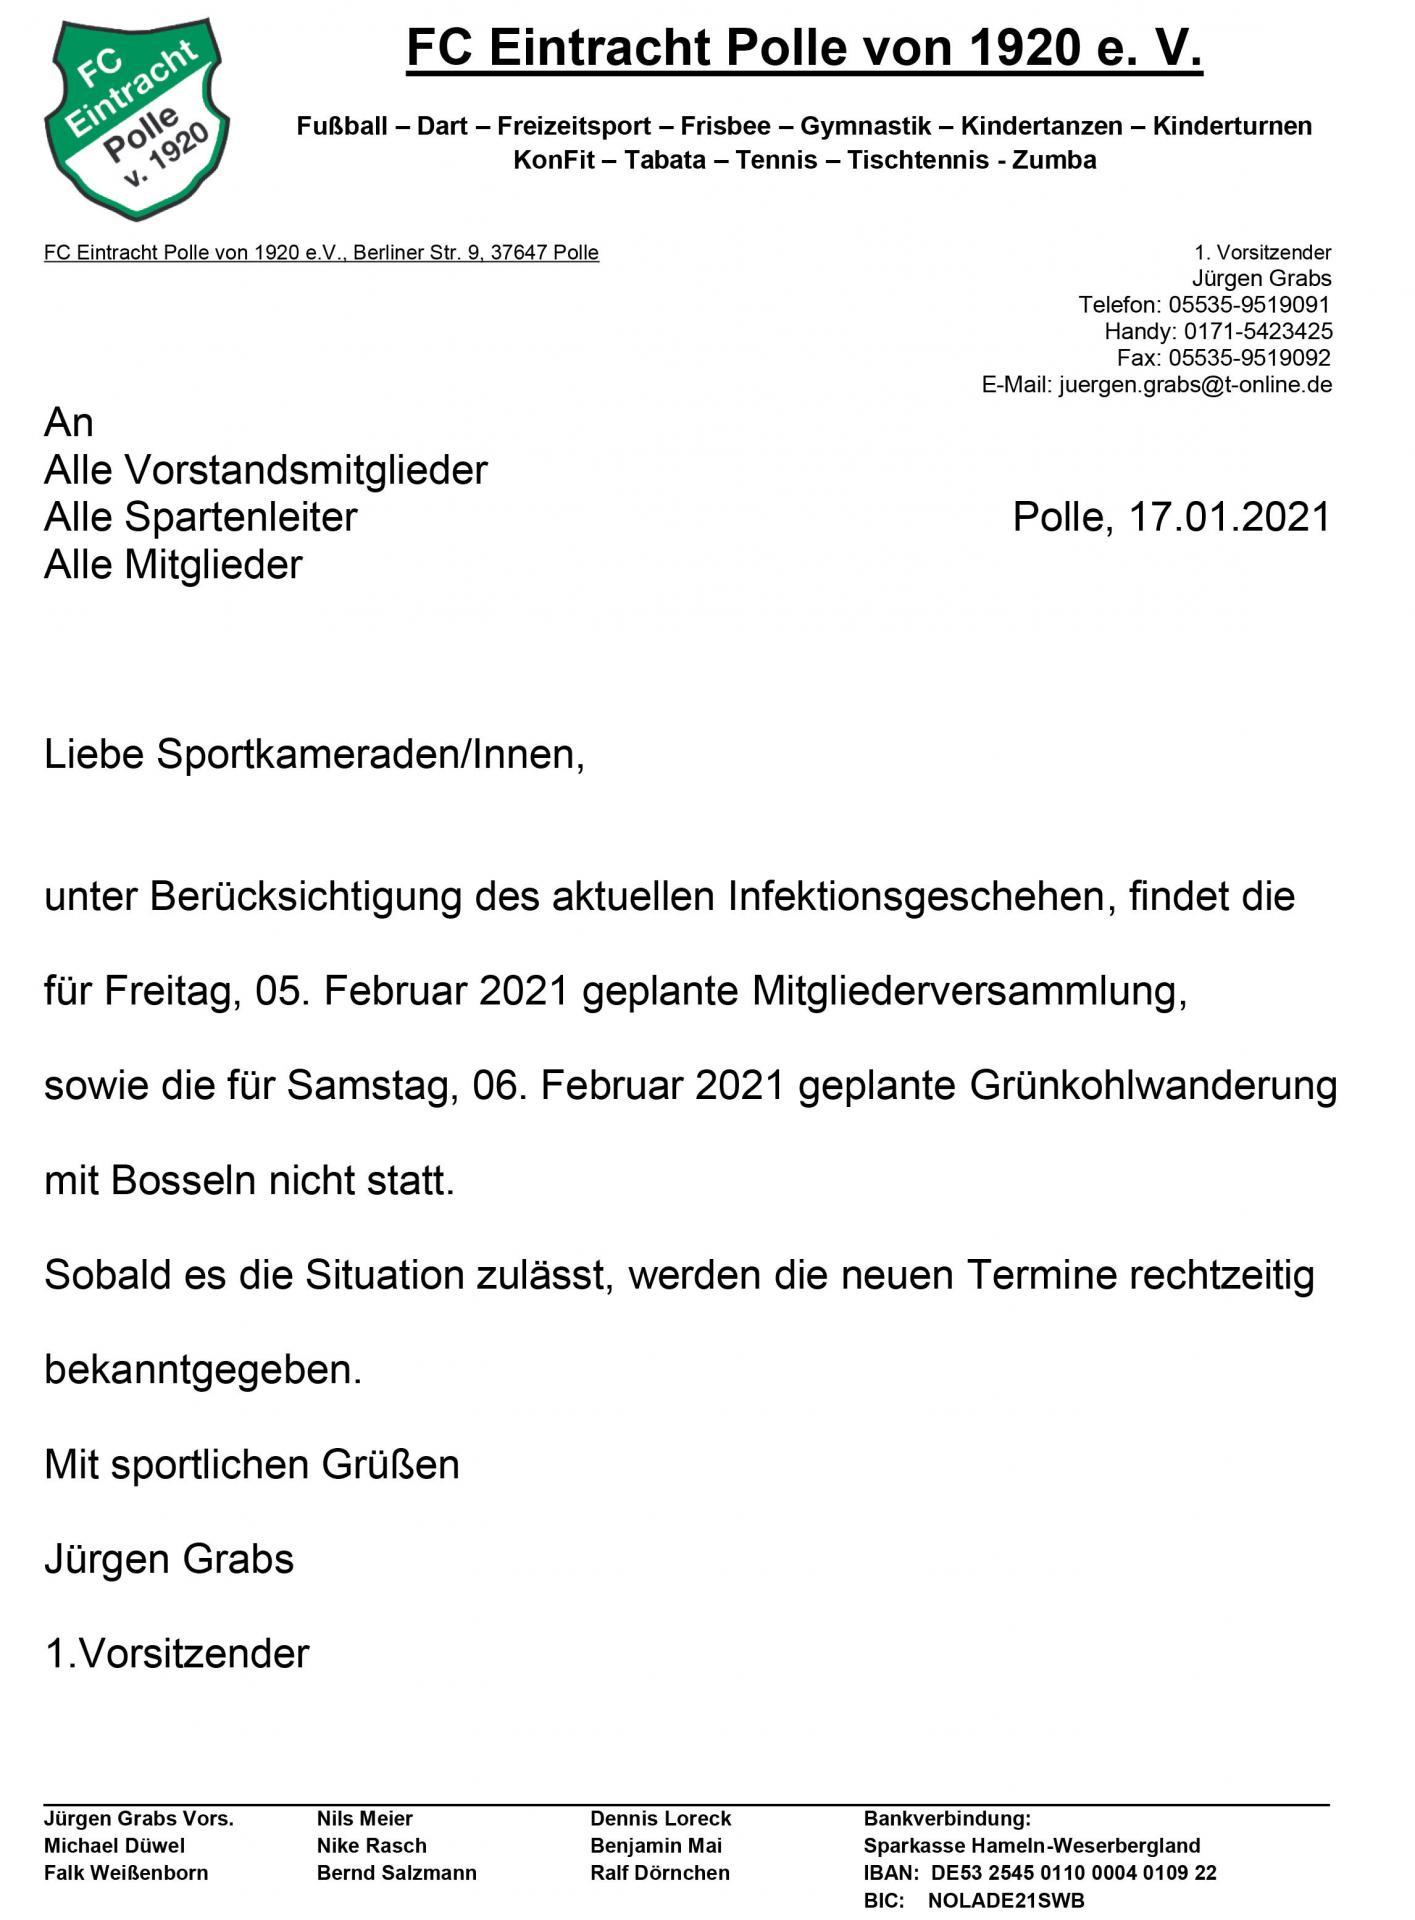 2021.01.17 FC Eintracht Polle - Absage der Mitgliederversammlung